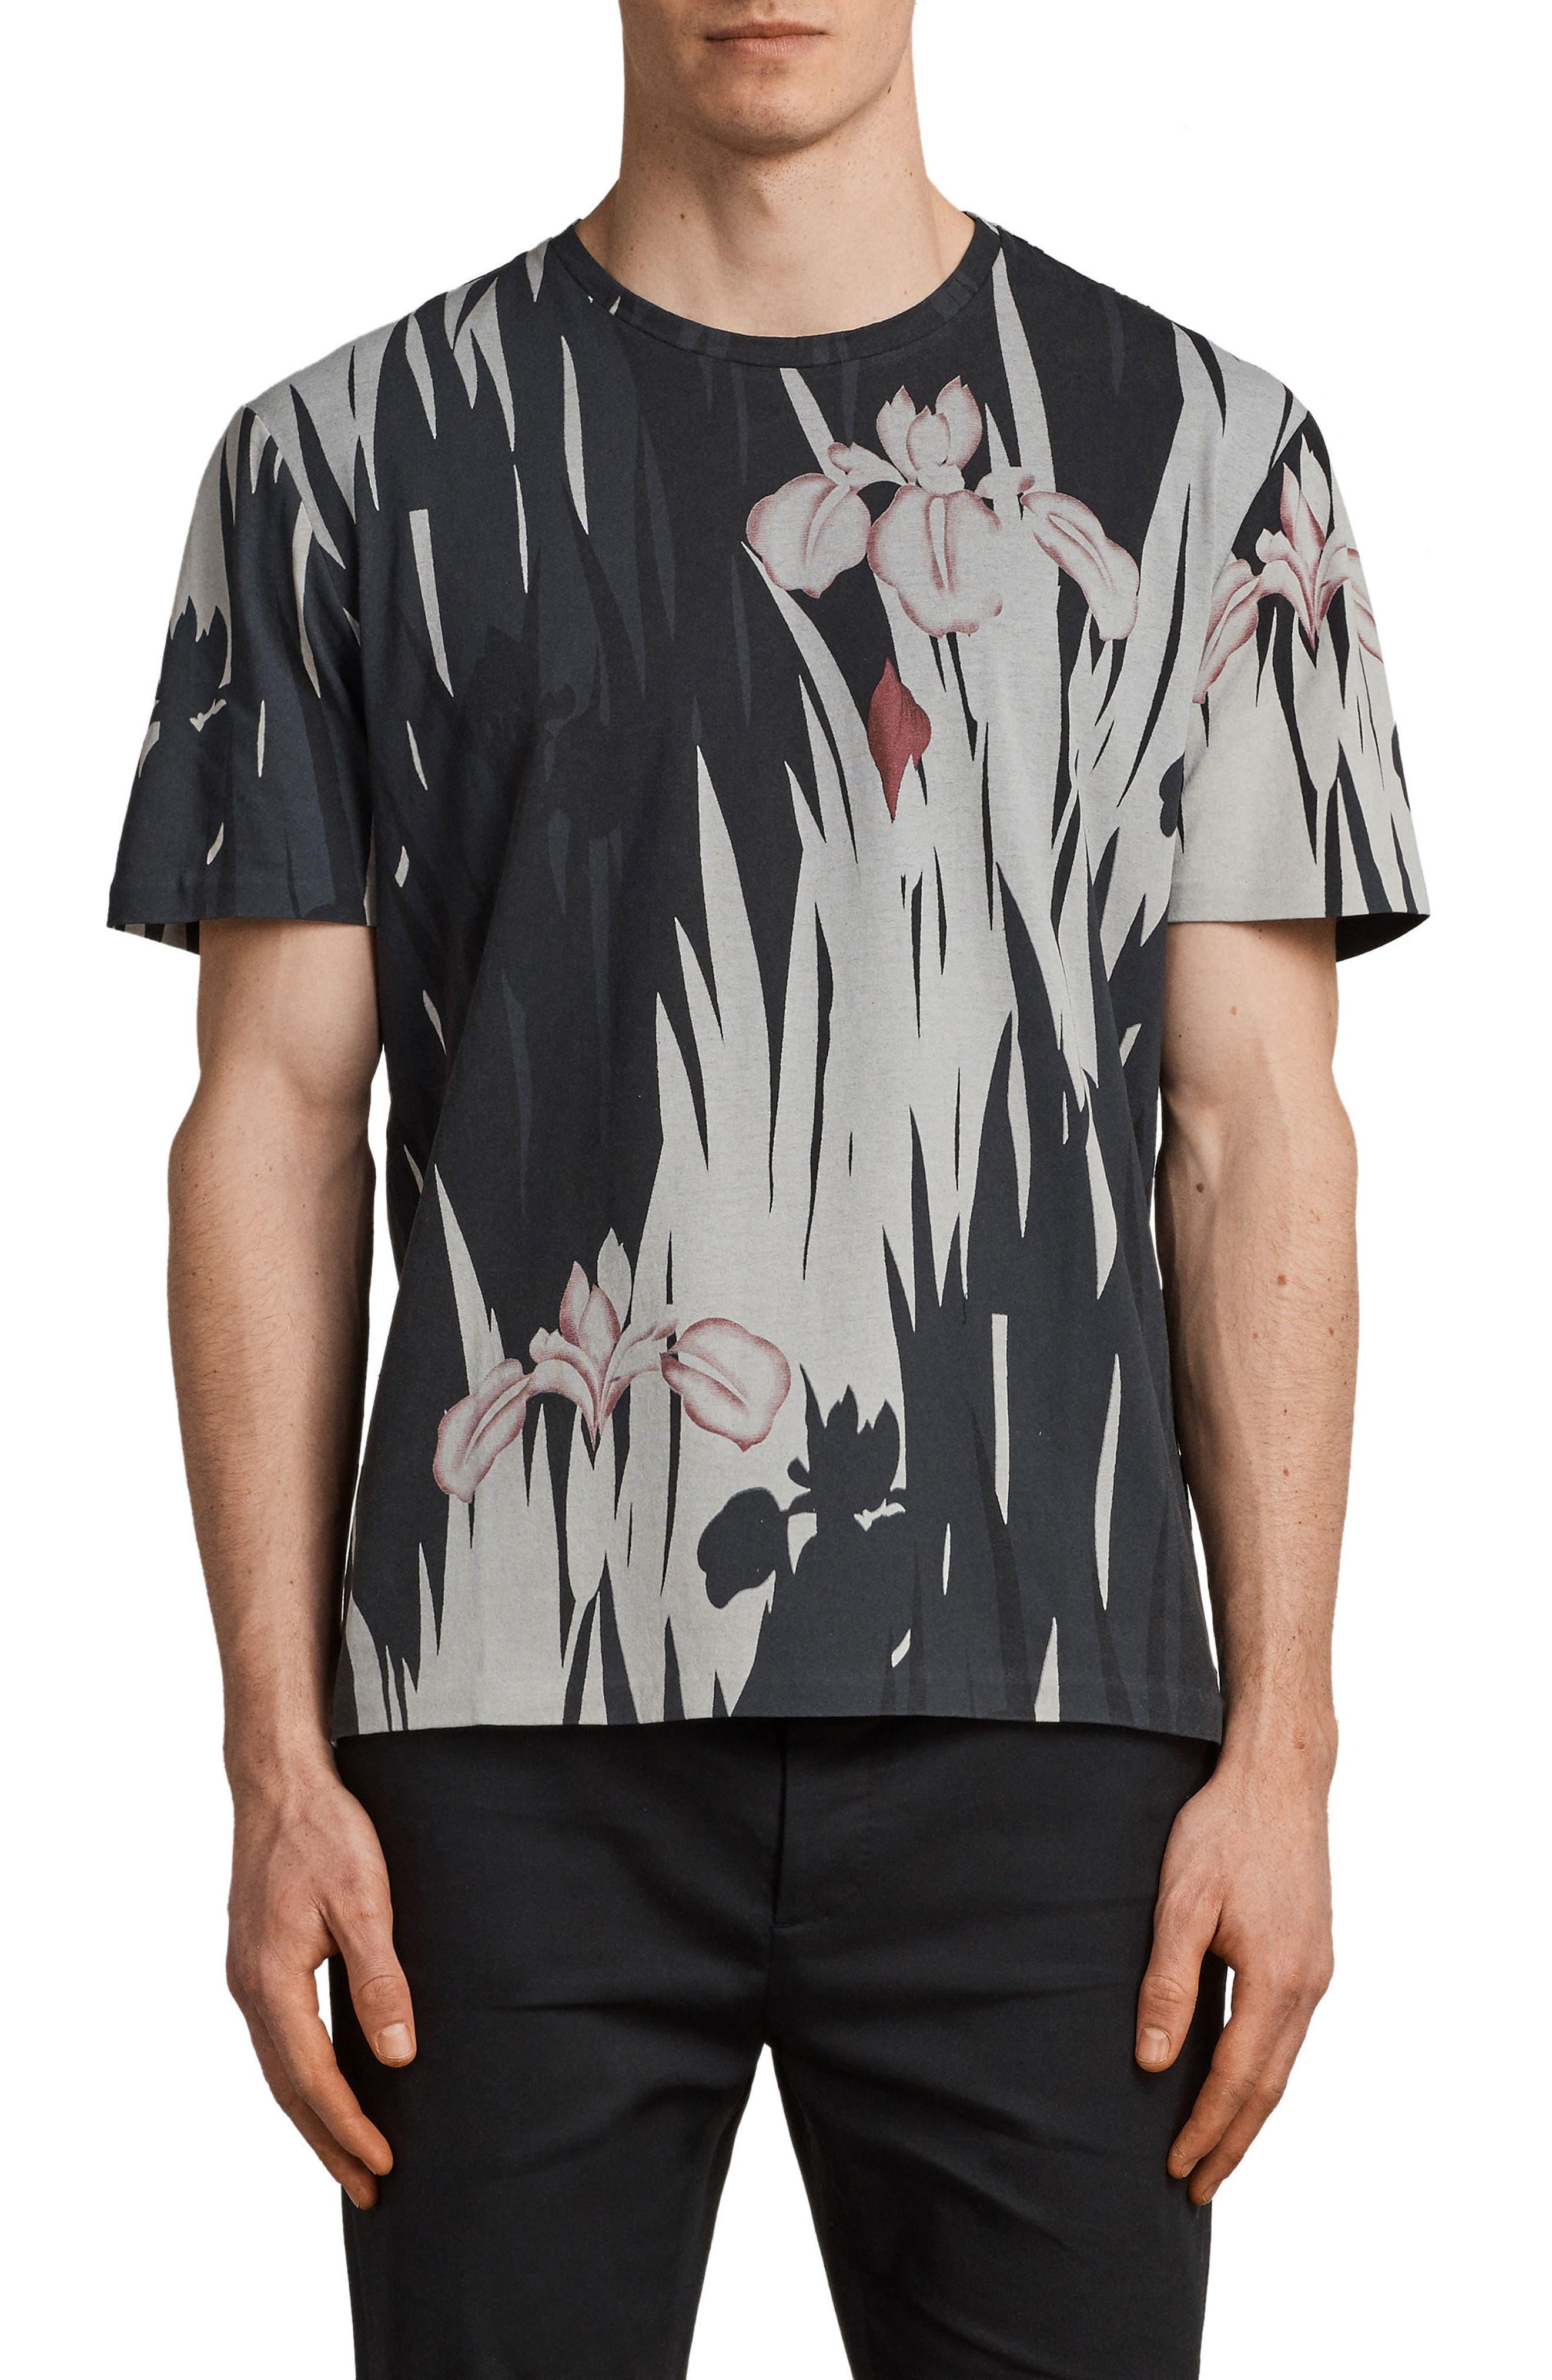 Nahiku Oversized Crewneck T-shirt,                             Main thumbnail 1, color,                             004